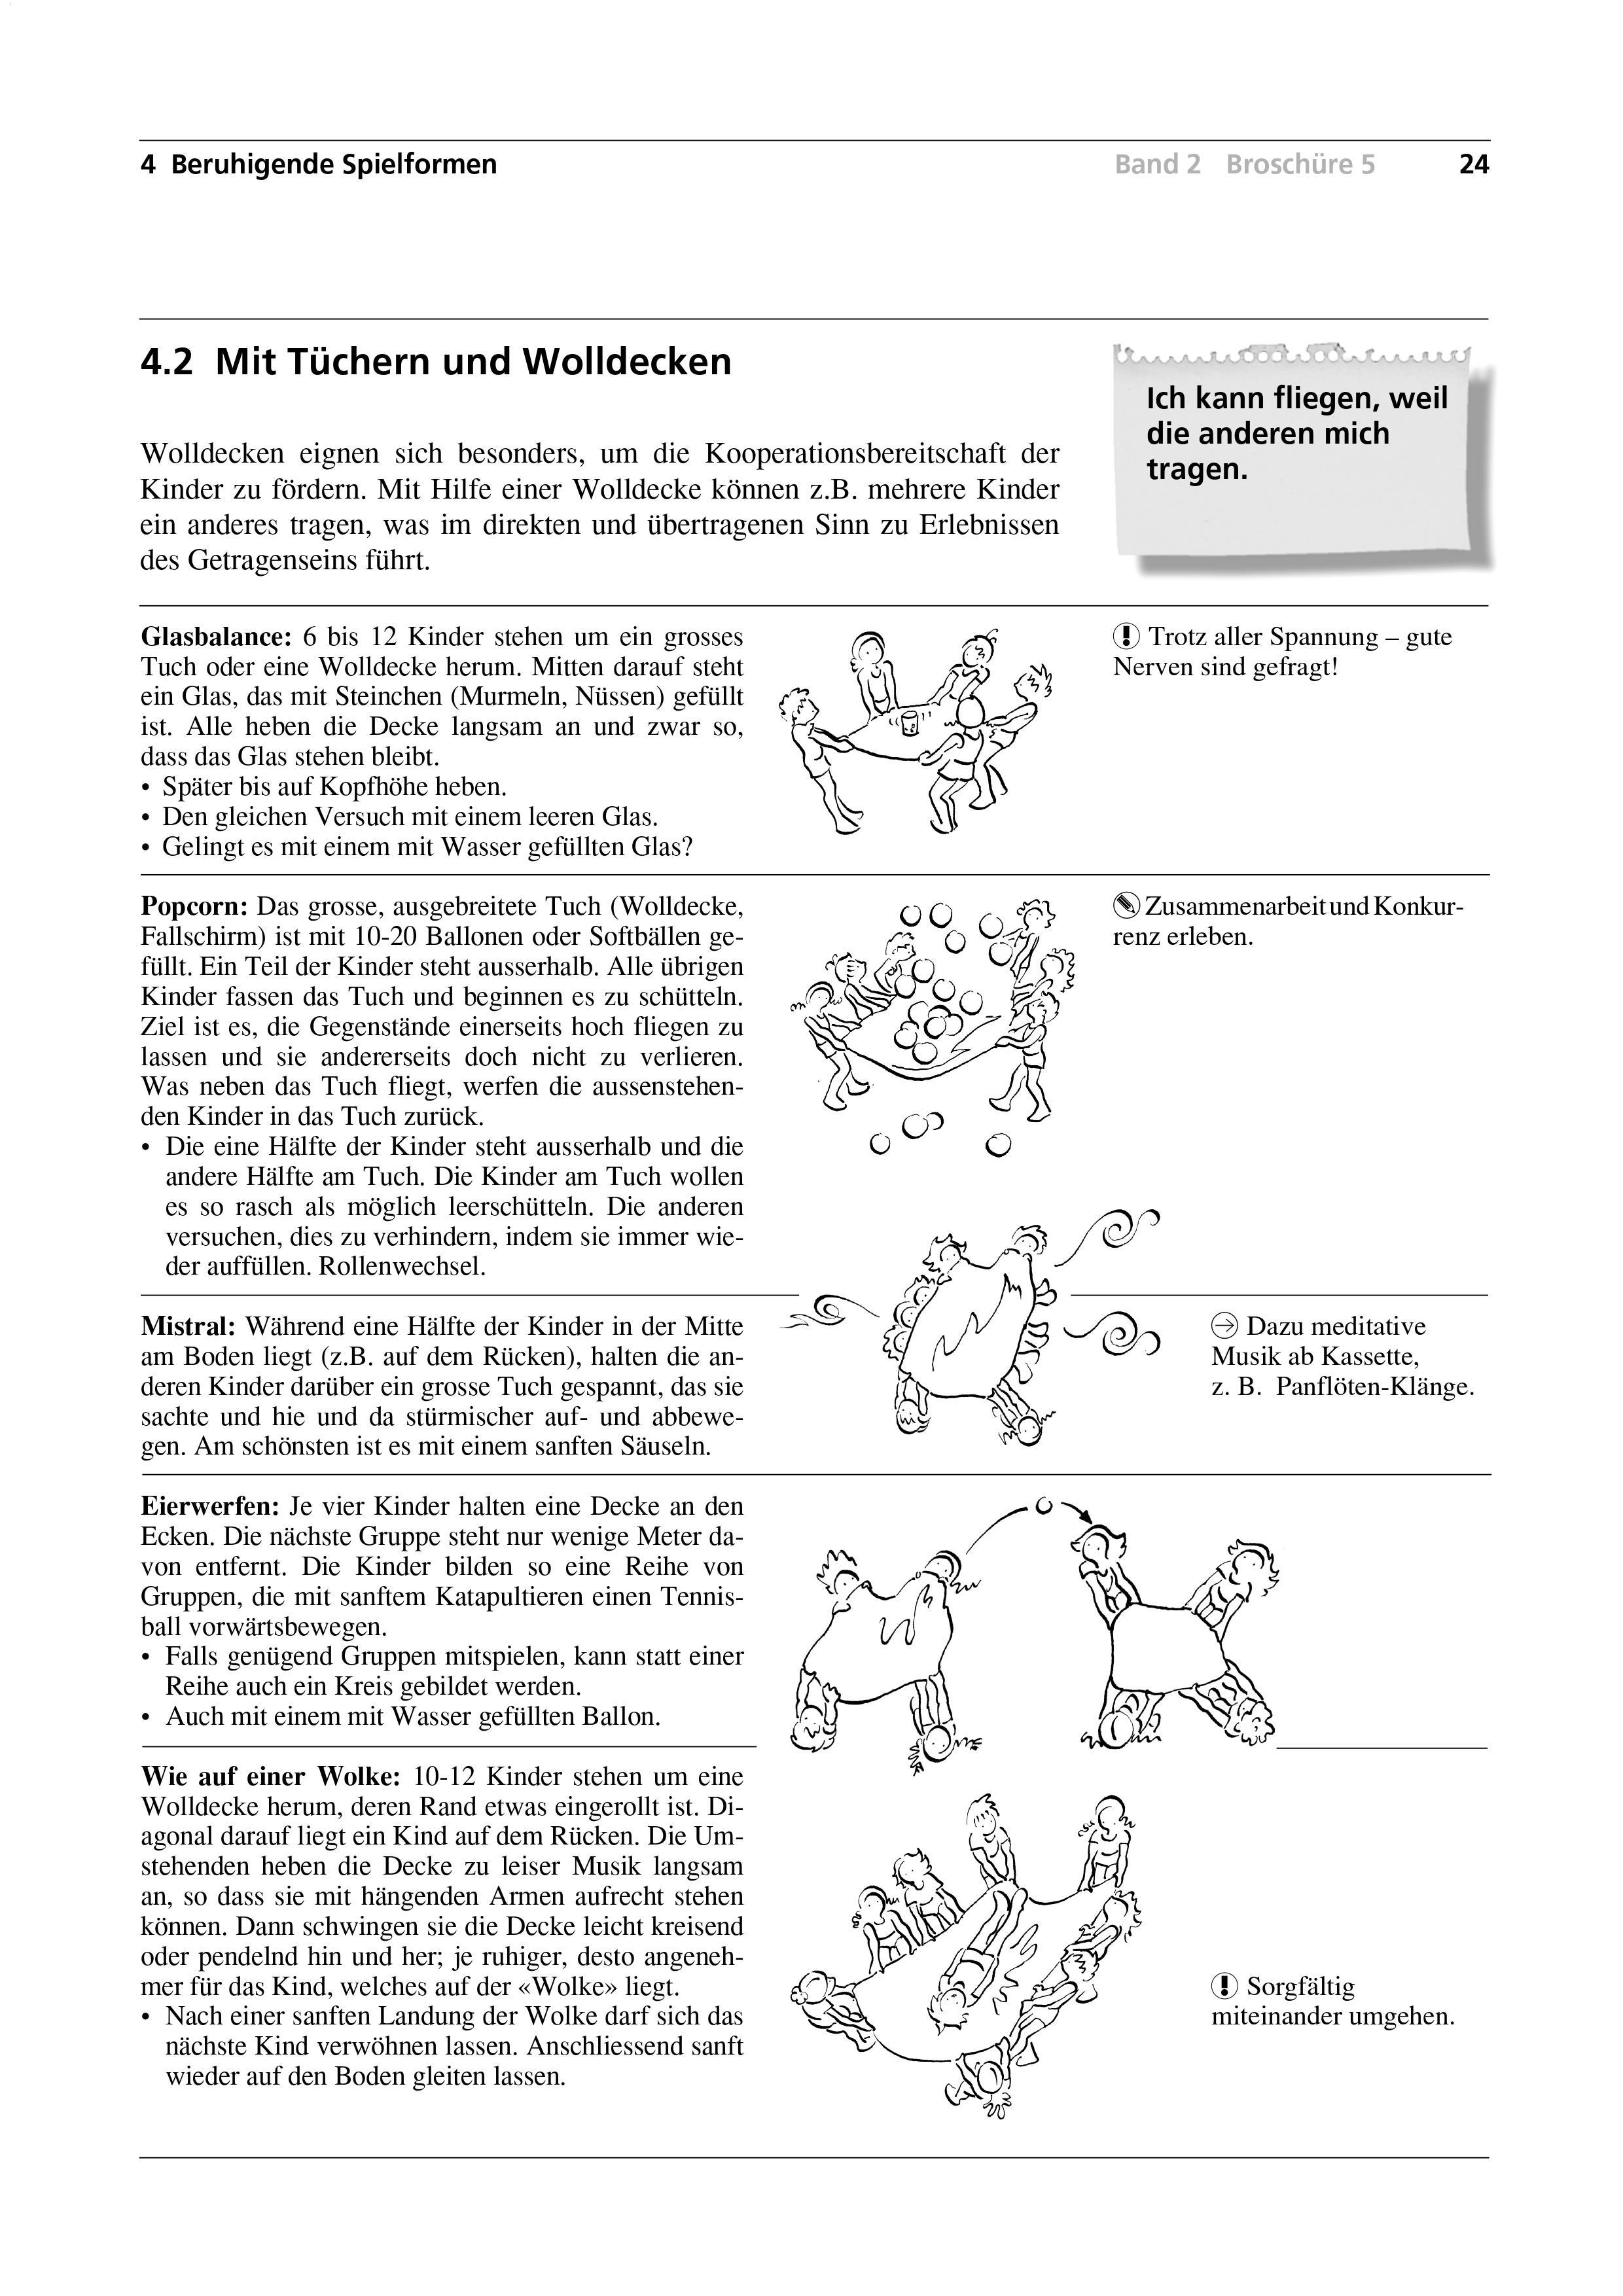 Preview image for LOM object Mit Tüchern und Wolldecken / Mein Freund - mein Teddy / Mit dem Sandsäcklein / Zum Abschluss